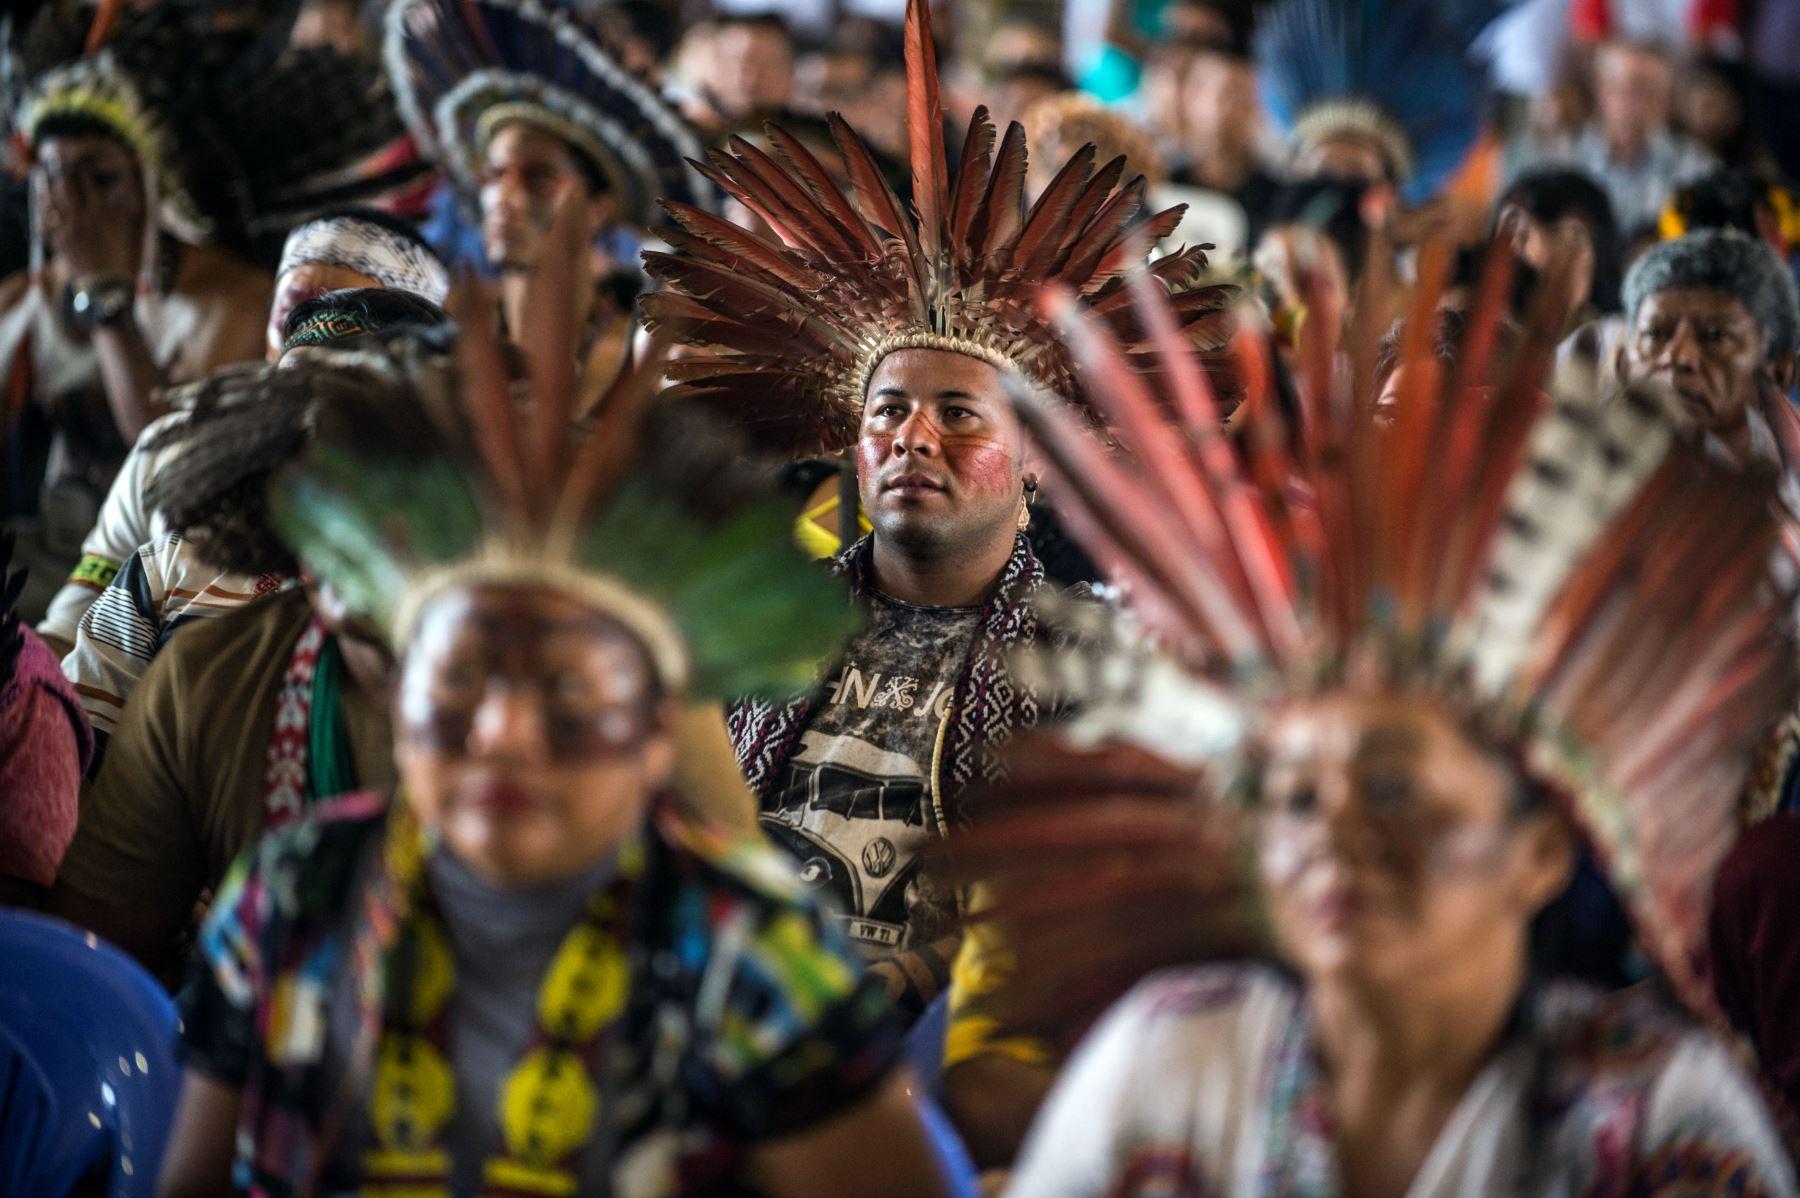 Sí, yo quería ver indios y viajé a Bolivia